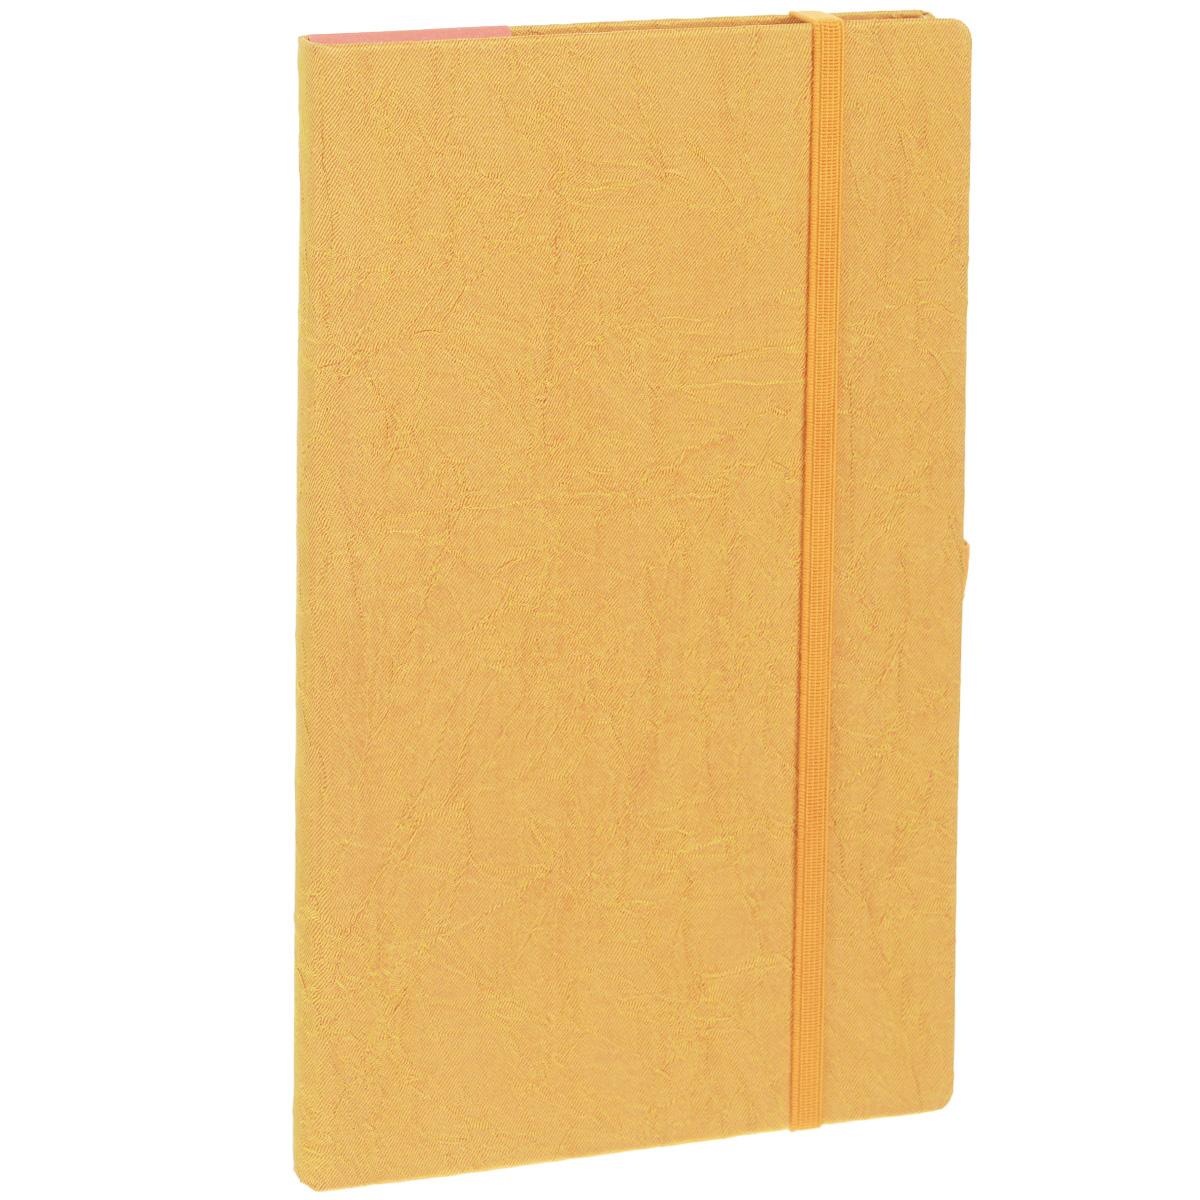 Записная книжка Erich Krause Tsarina, цвет: золотистый, 96 листов0703415Записная книжка Erich Krause Tsarina - это дополнительный штрих к вашему имиджу. Демократичная в своем содержании, книжка может быть использована не только для личных пометок и записей, но и как недатированный ежедневник. Надежная твердая обложка из плотного картона, обтянутого текстильным материалом, сохранит ее в аккуратном состоянии на протяжении всего времени использования. Плотная в линейку бумага белого цвета, закладка-ляссе, практичные скругленные углы, эластичная петелька для ручки и внутренний бумажный карман на задней обложке - все это обеспечит вам истинное удовольствие от письма. В начале книжки имеется страничка для заполнения личных данных владельца, четыре страницы для заполнения адресов, телефонов и интернет-почты и четыре страницы для заполнения сайтов и ссылок. Благодаря небольшому формату книжку легко взять с собой. Записная книжка плотно закрывается при помощи фиксирующей резинки.